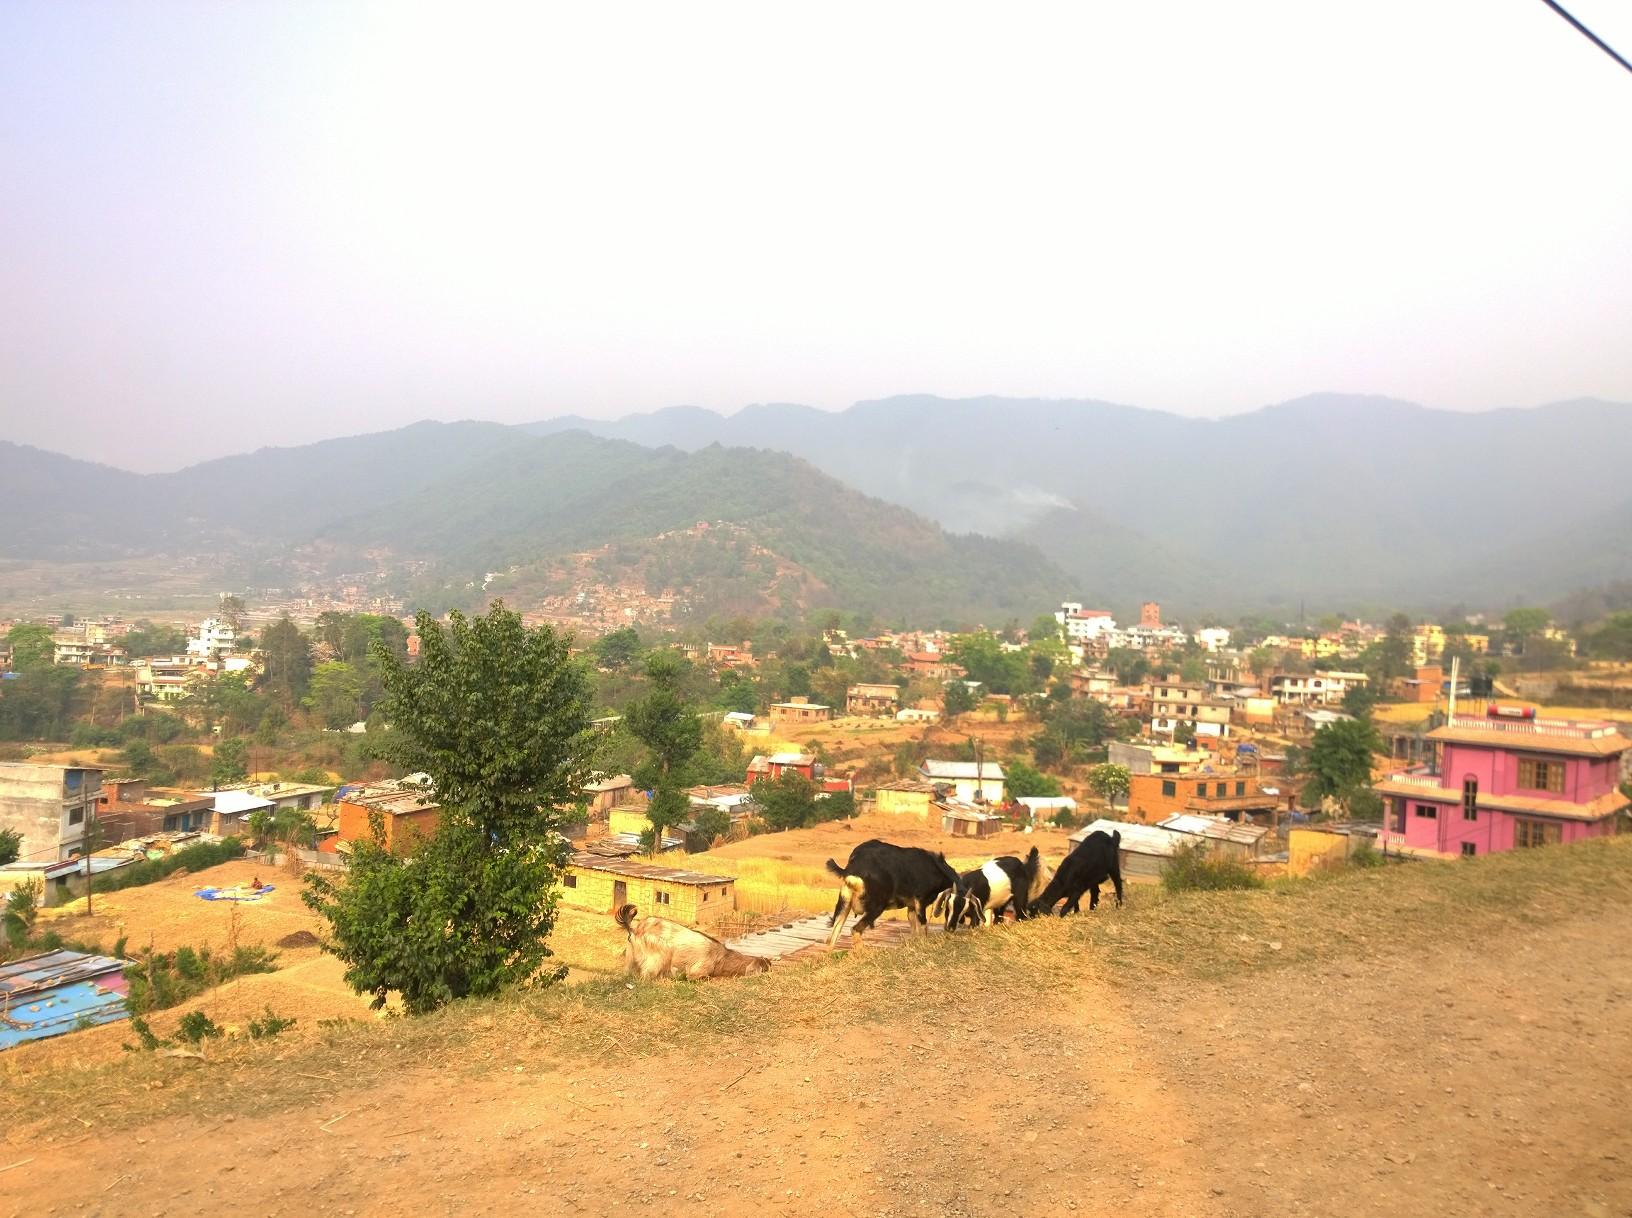 Nepal, das Land ist bitterarm und kriesengeschüttelt.     Die schrecklichen Erdbeben, wirtschaftliche Sanktionen, Rationierung     der Energie wie zB Strom und Benzin und die politisches Instabilität machen      es der Bevölkerung sehr schwer. Die Leidtragenden sind immer die Schwächsten,     also die Kinder und die Tiere.